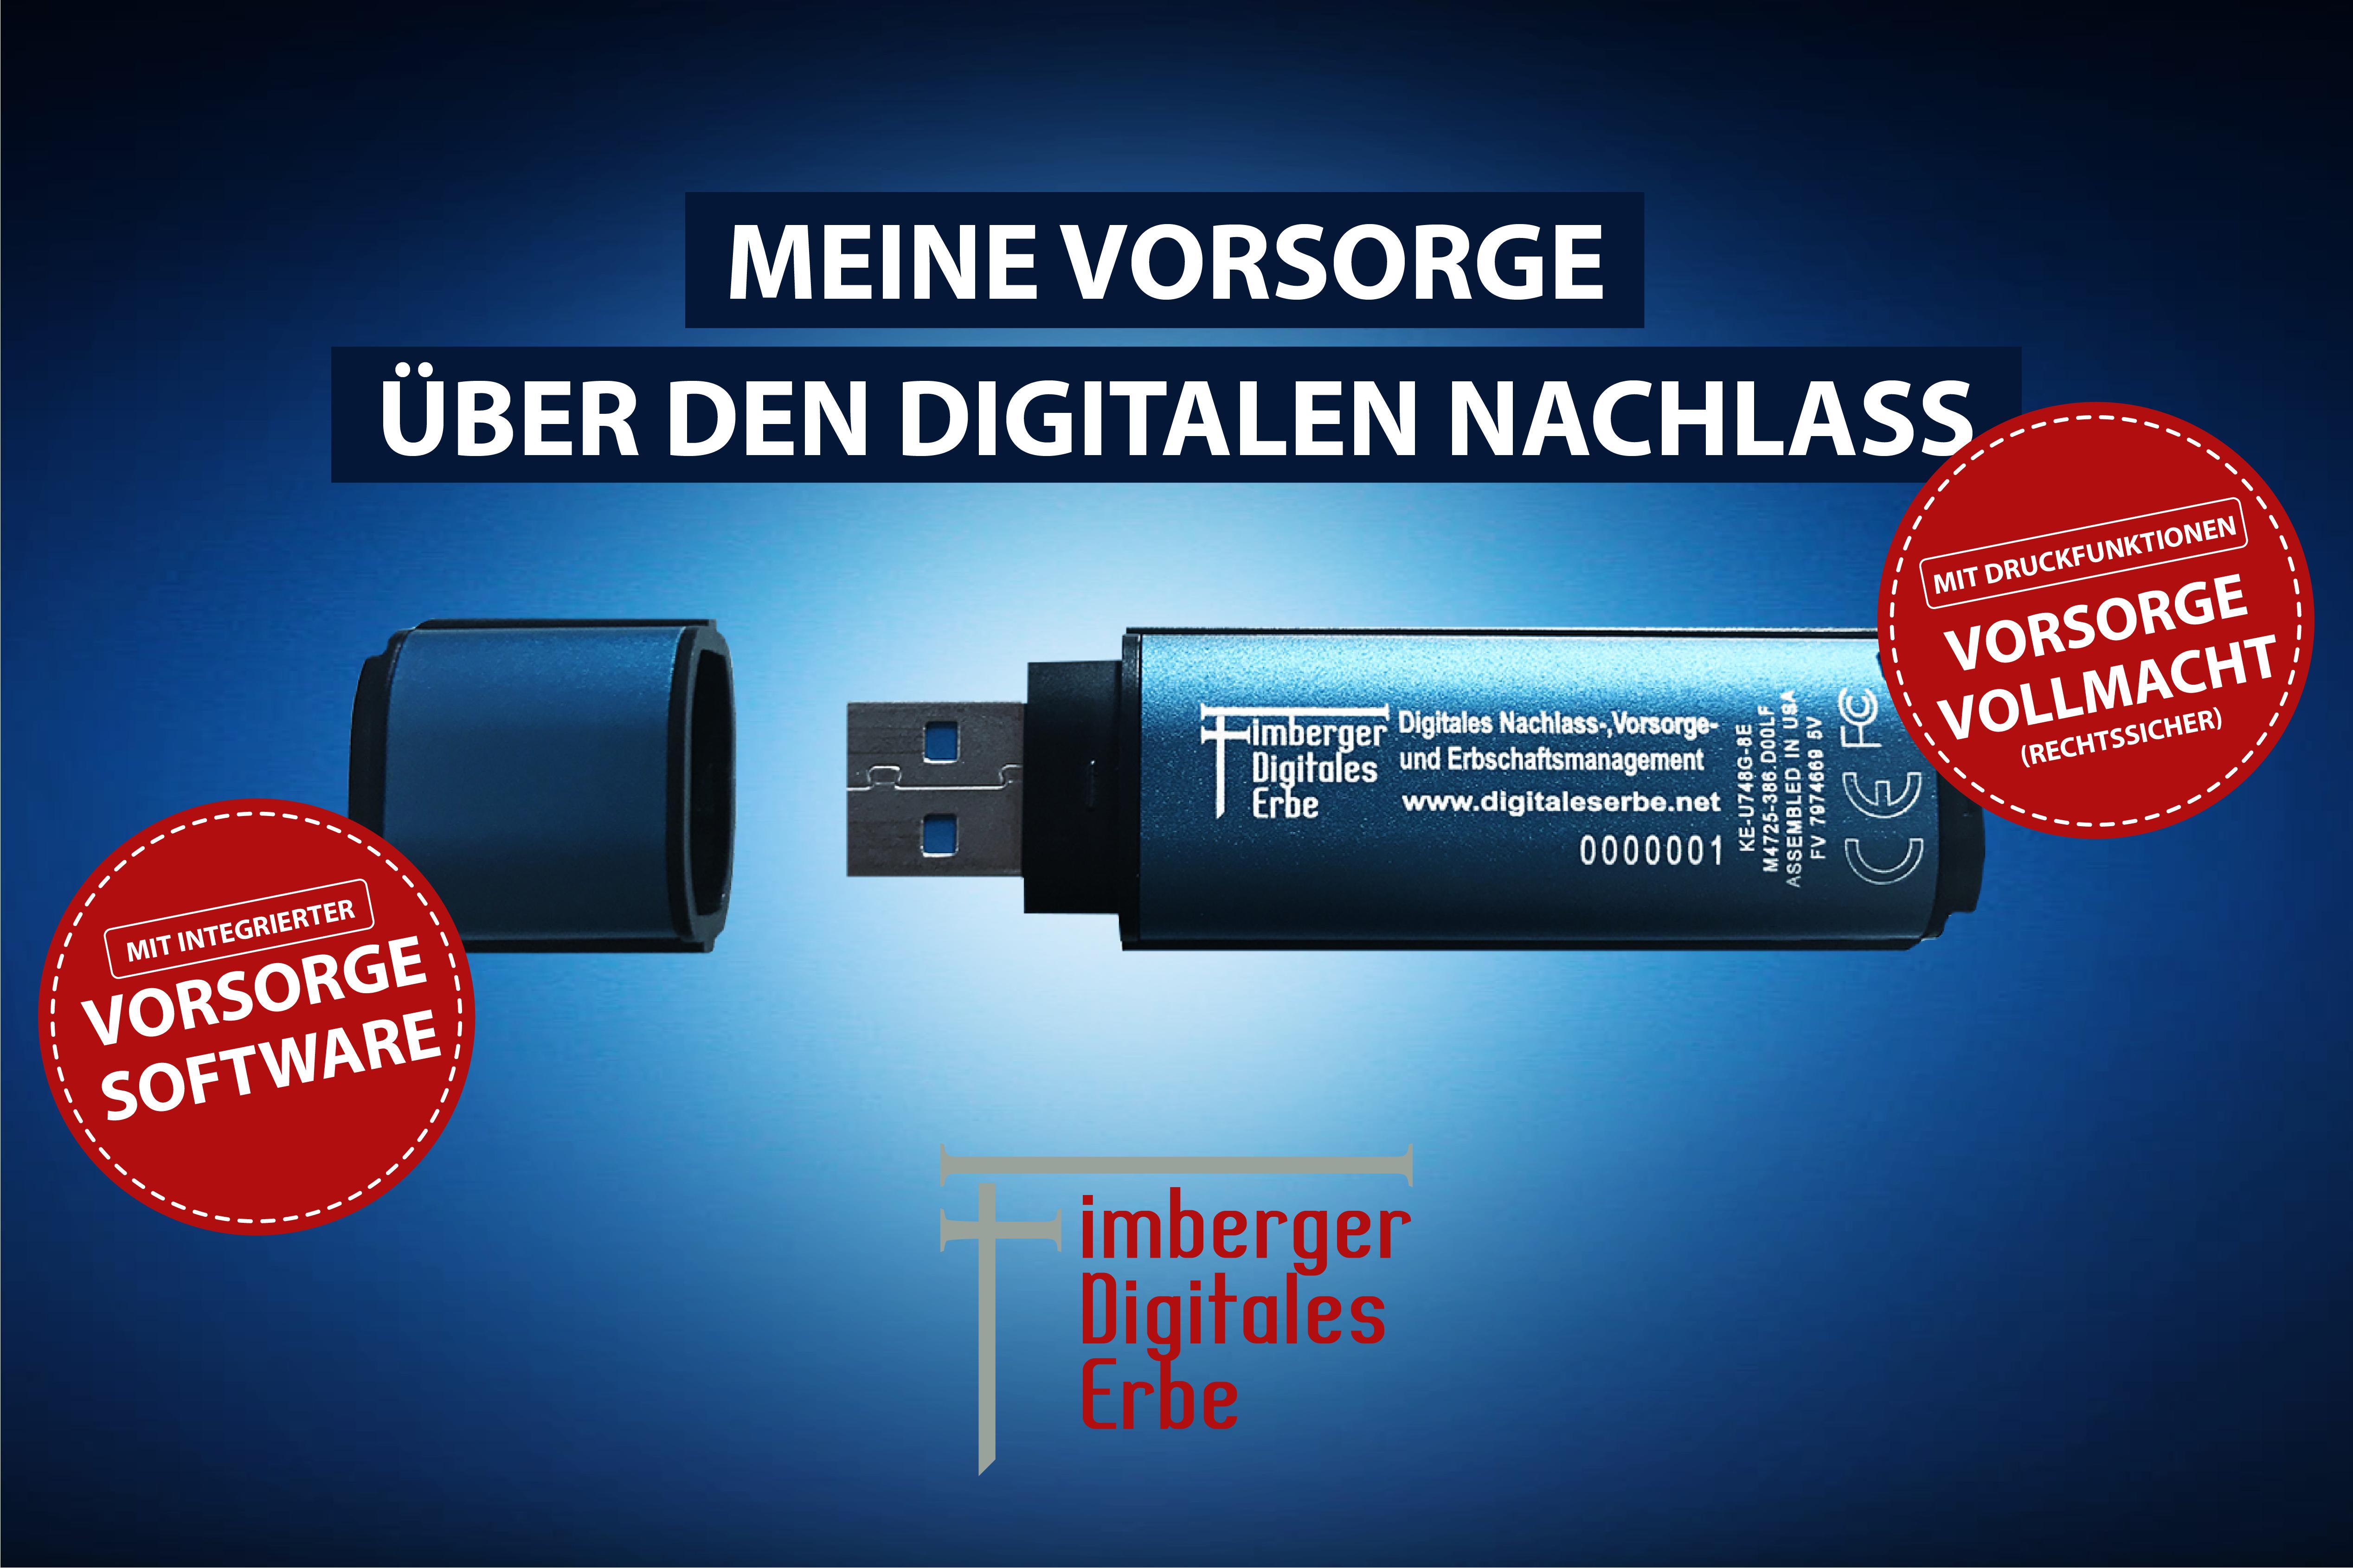 DLH, USB, DLHStick, DLH-Stick, digitale Vorsorge und Vorsorgevollmacht